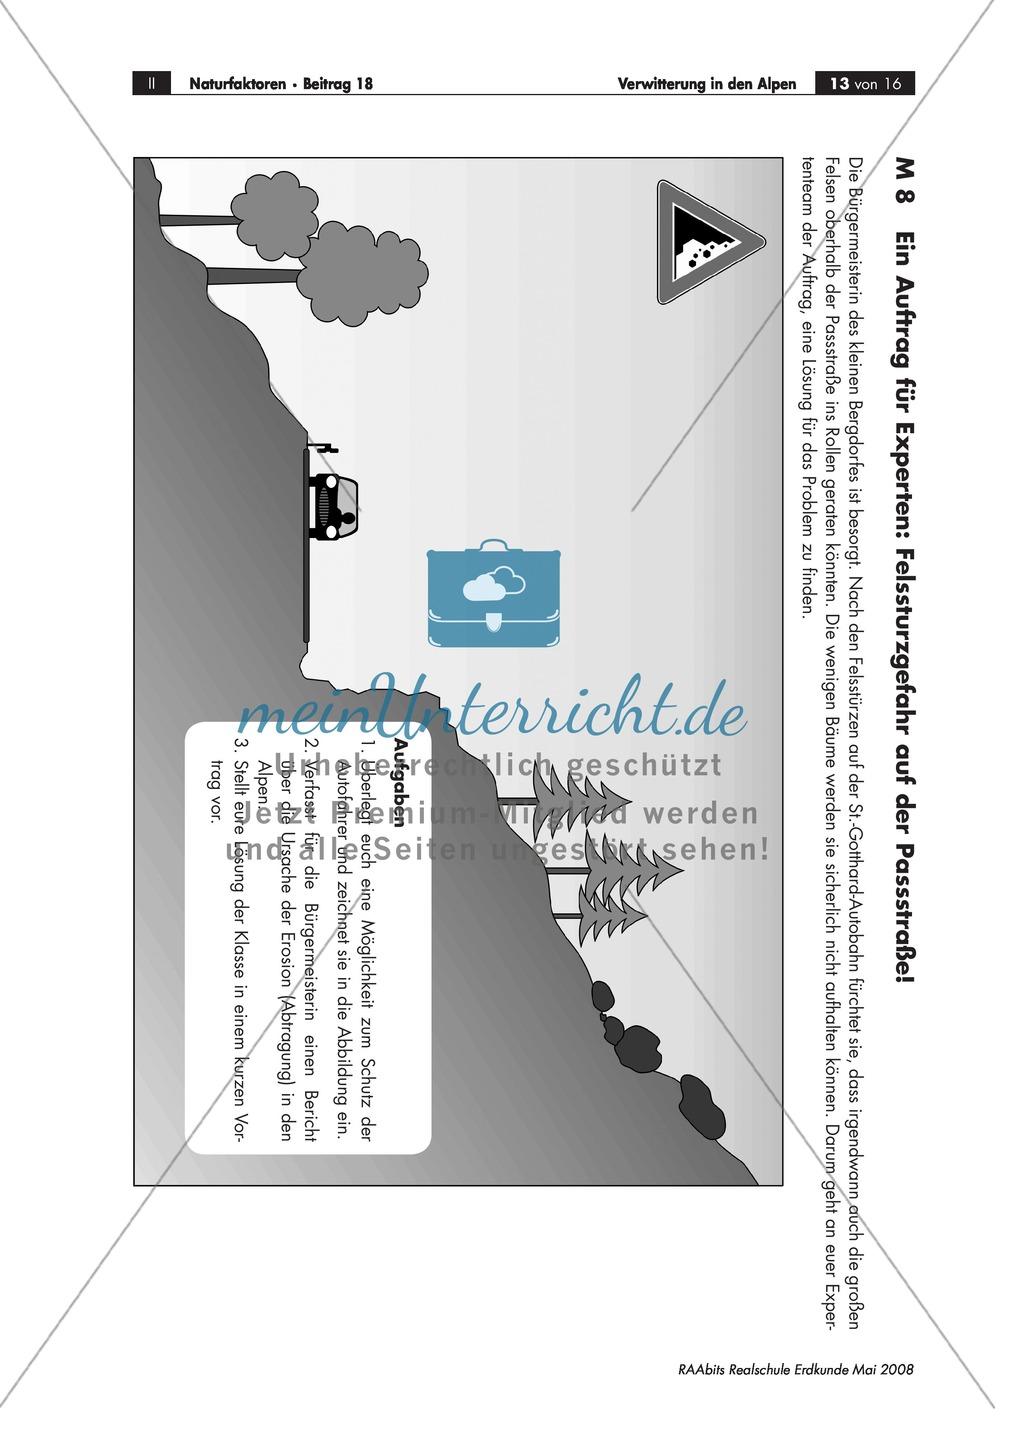 Verwitterung in den Alpen: Ursachen für einen Felssturz + Schutzmaßnahmen für eine Straße diskutieren Preview 0